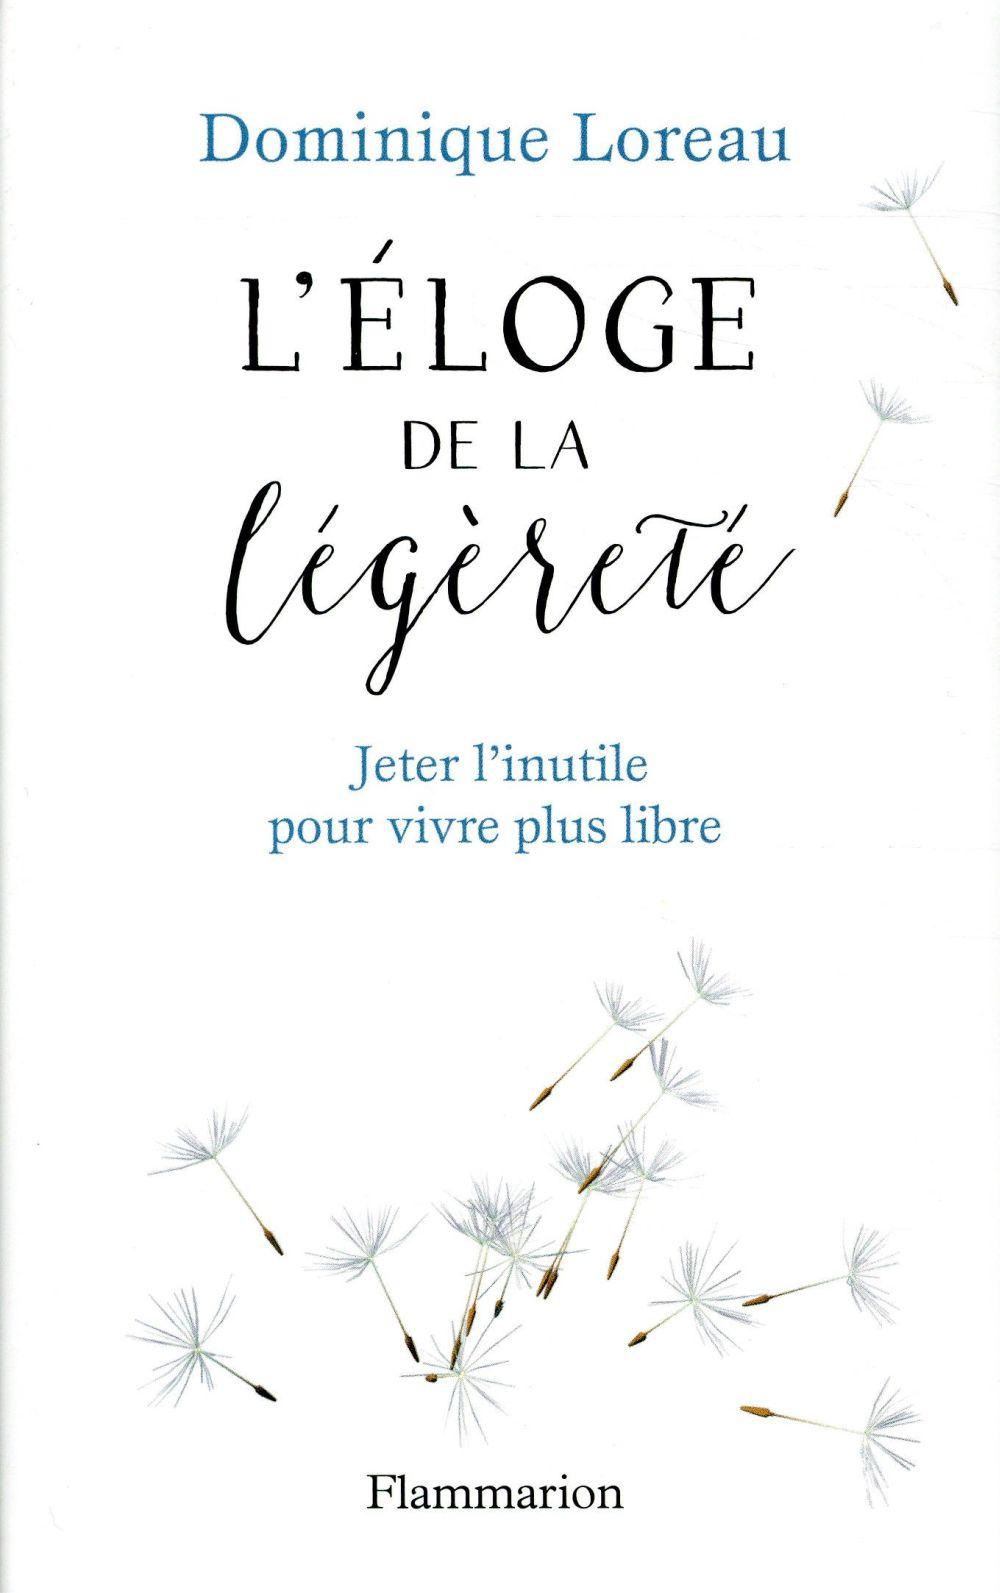 L'ELOGE DE LA LEGERETE - JETER L'INUTILE POUR VIVRE PLUS LIBRE